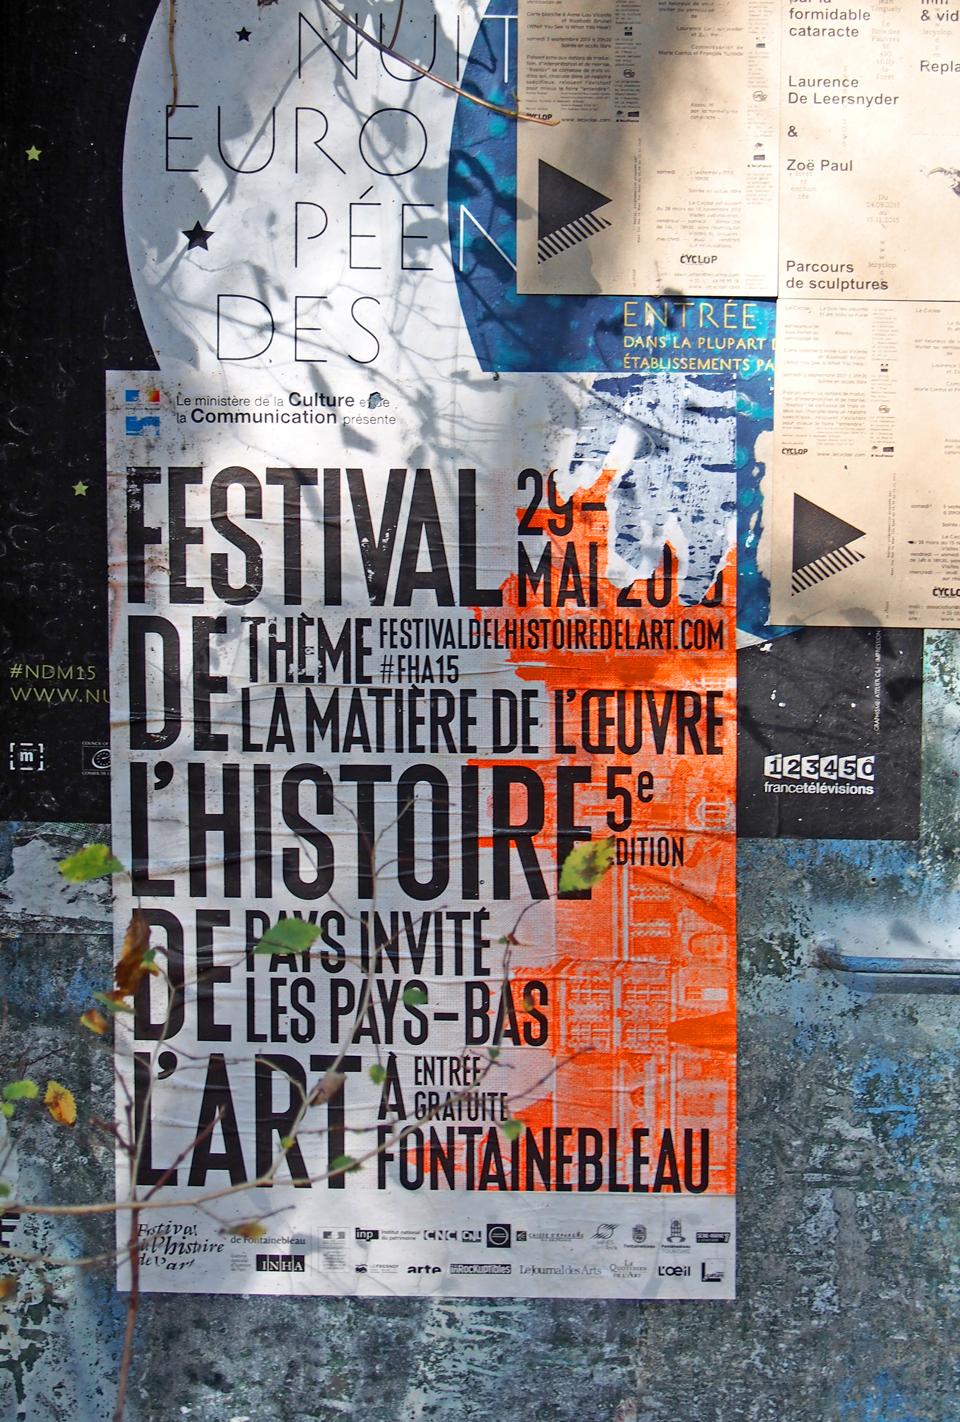 festivalHistoirArt_02